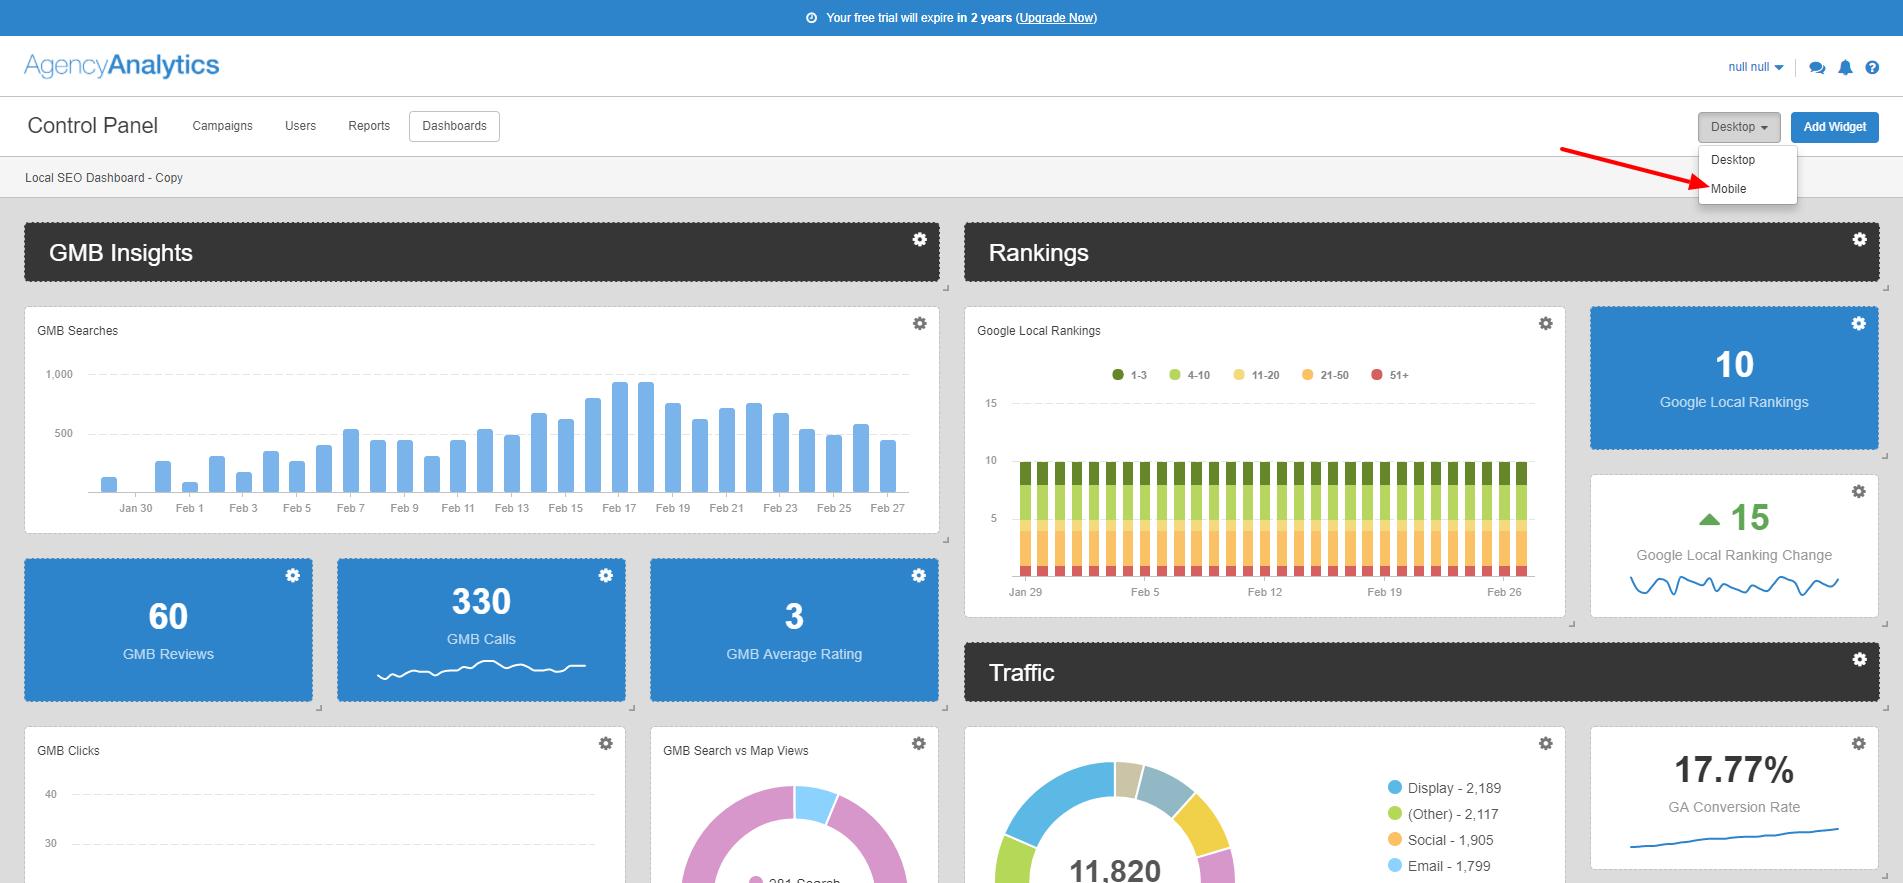 Dashboard Templates - Analytics dashboard template